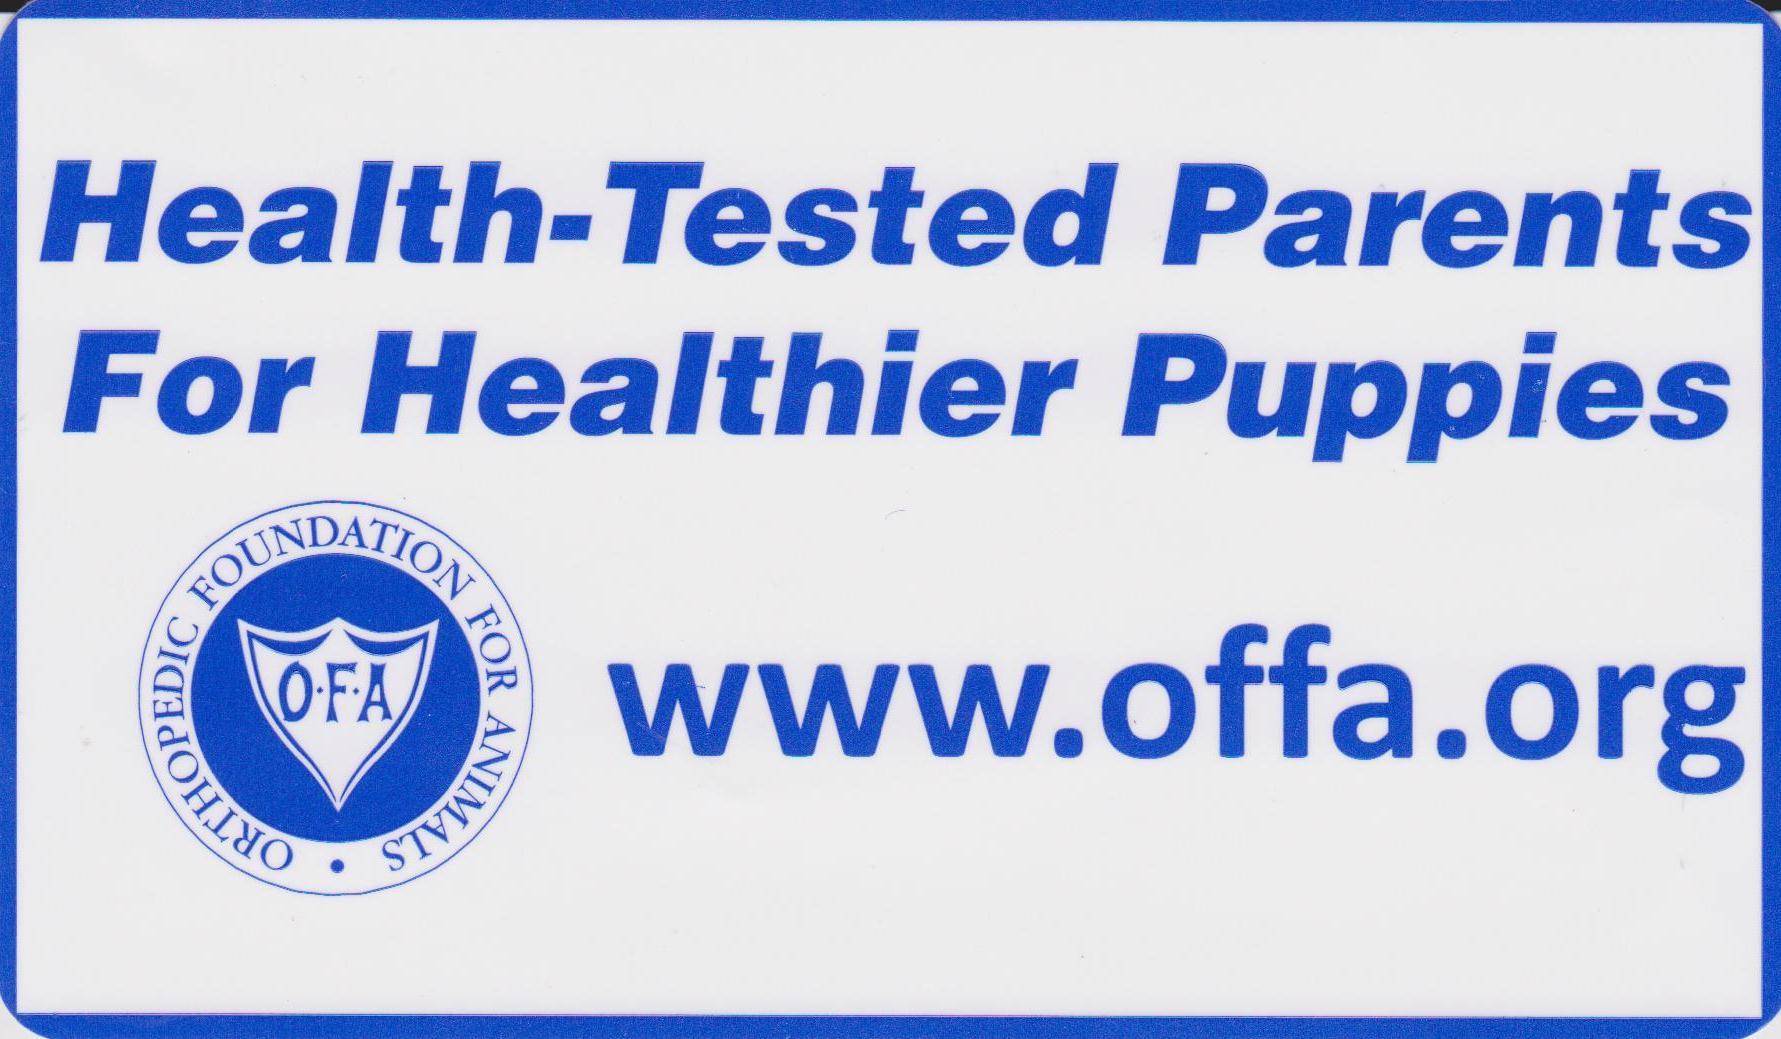 Judy Maassen dog breeder ofa testing